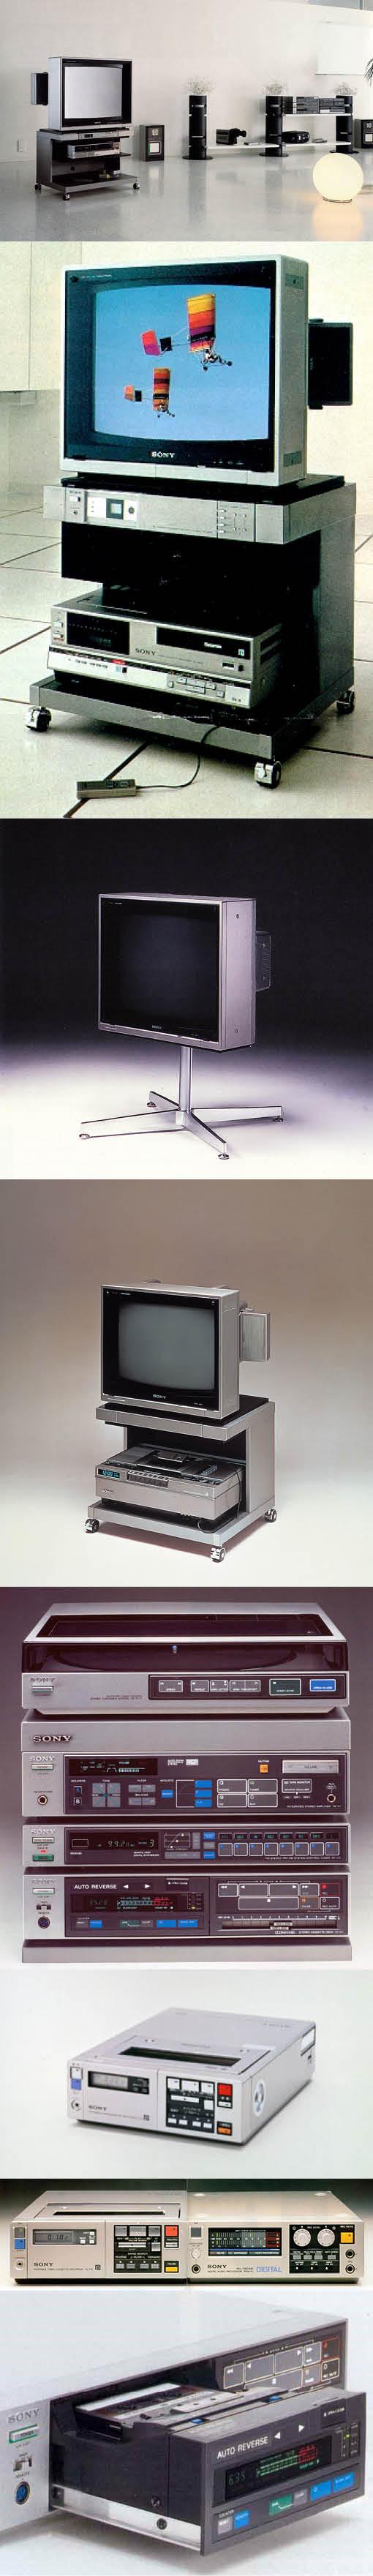 1980-1983 Sony - Profeel - Liberty - F1 / Japan / eighties / Only Sony